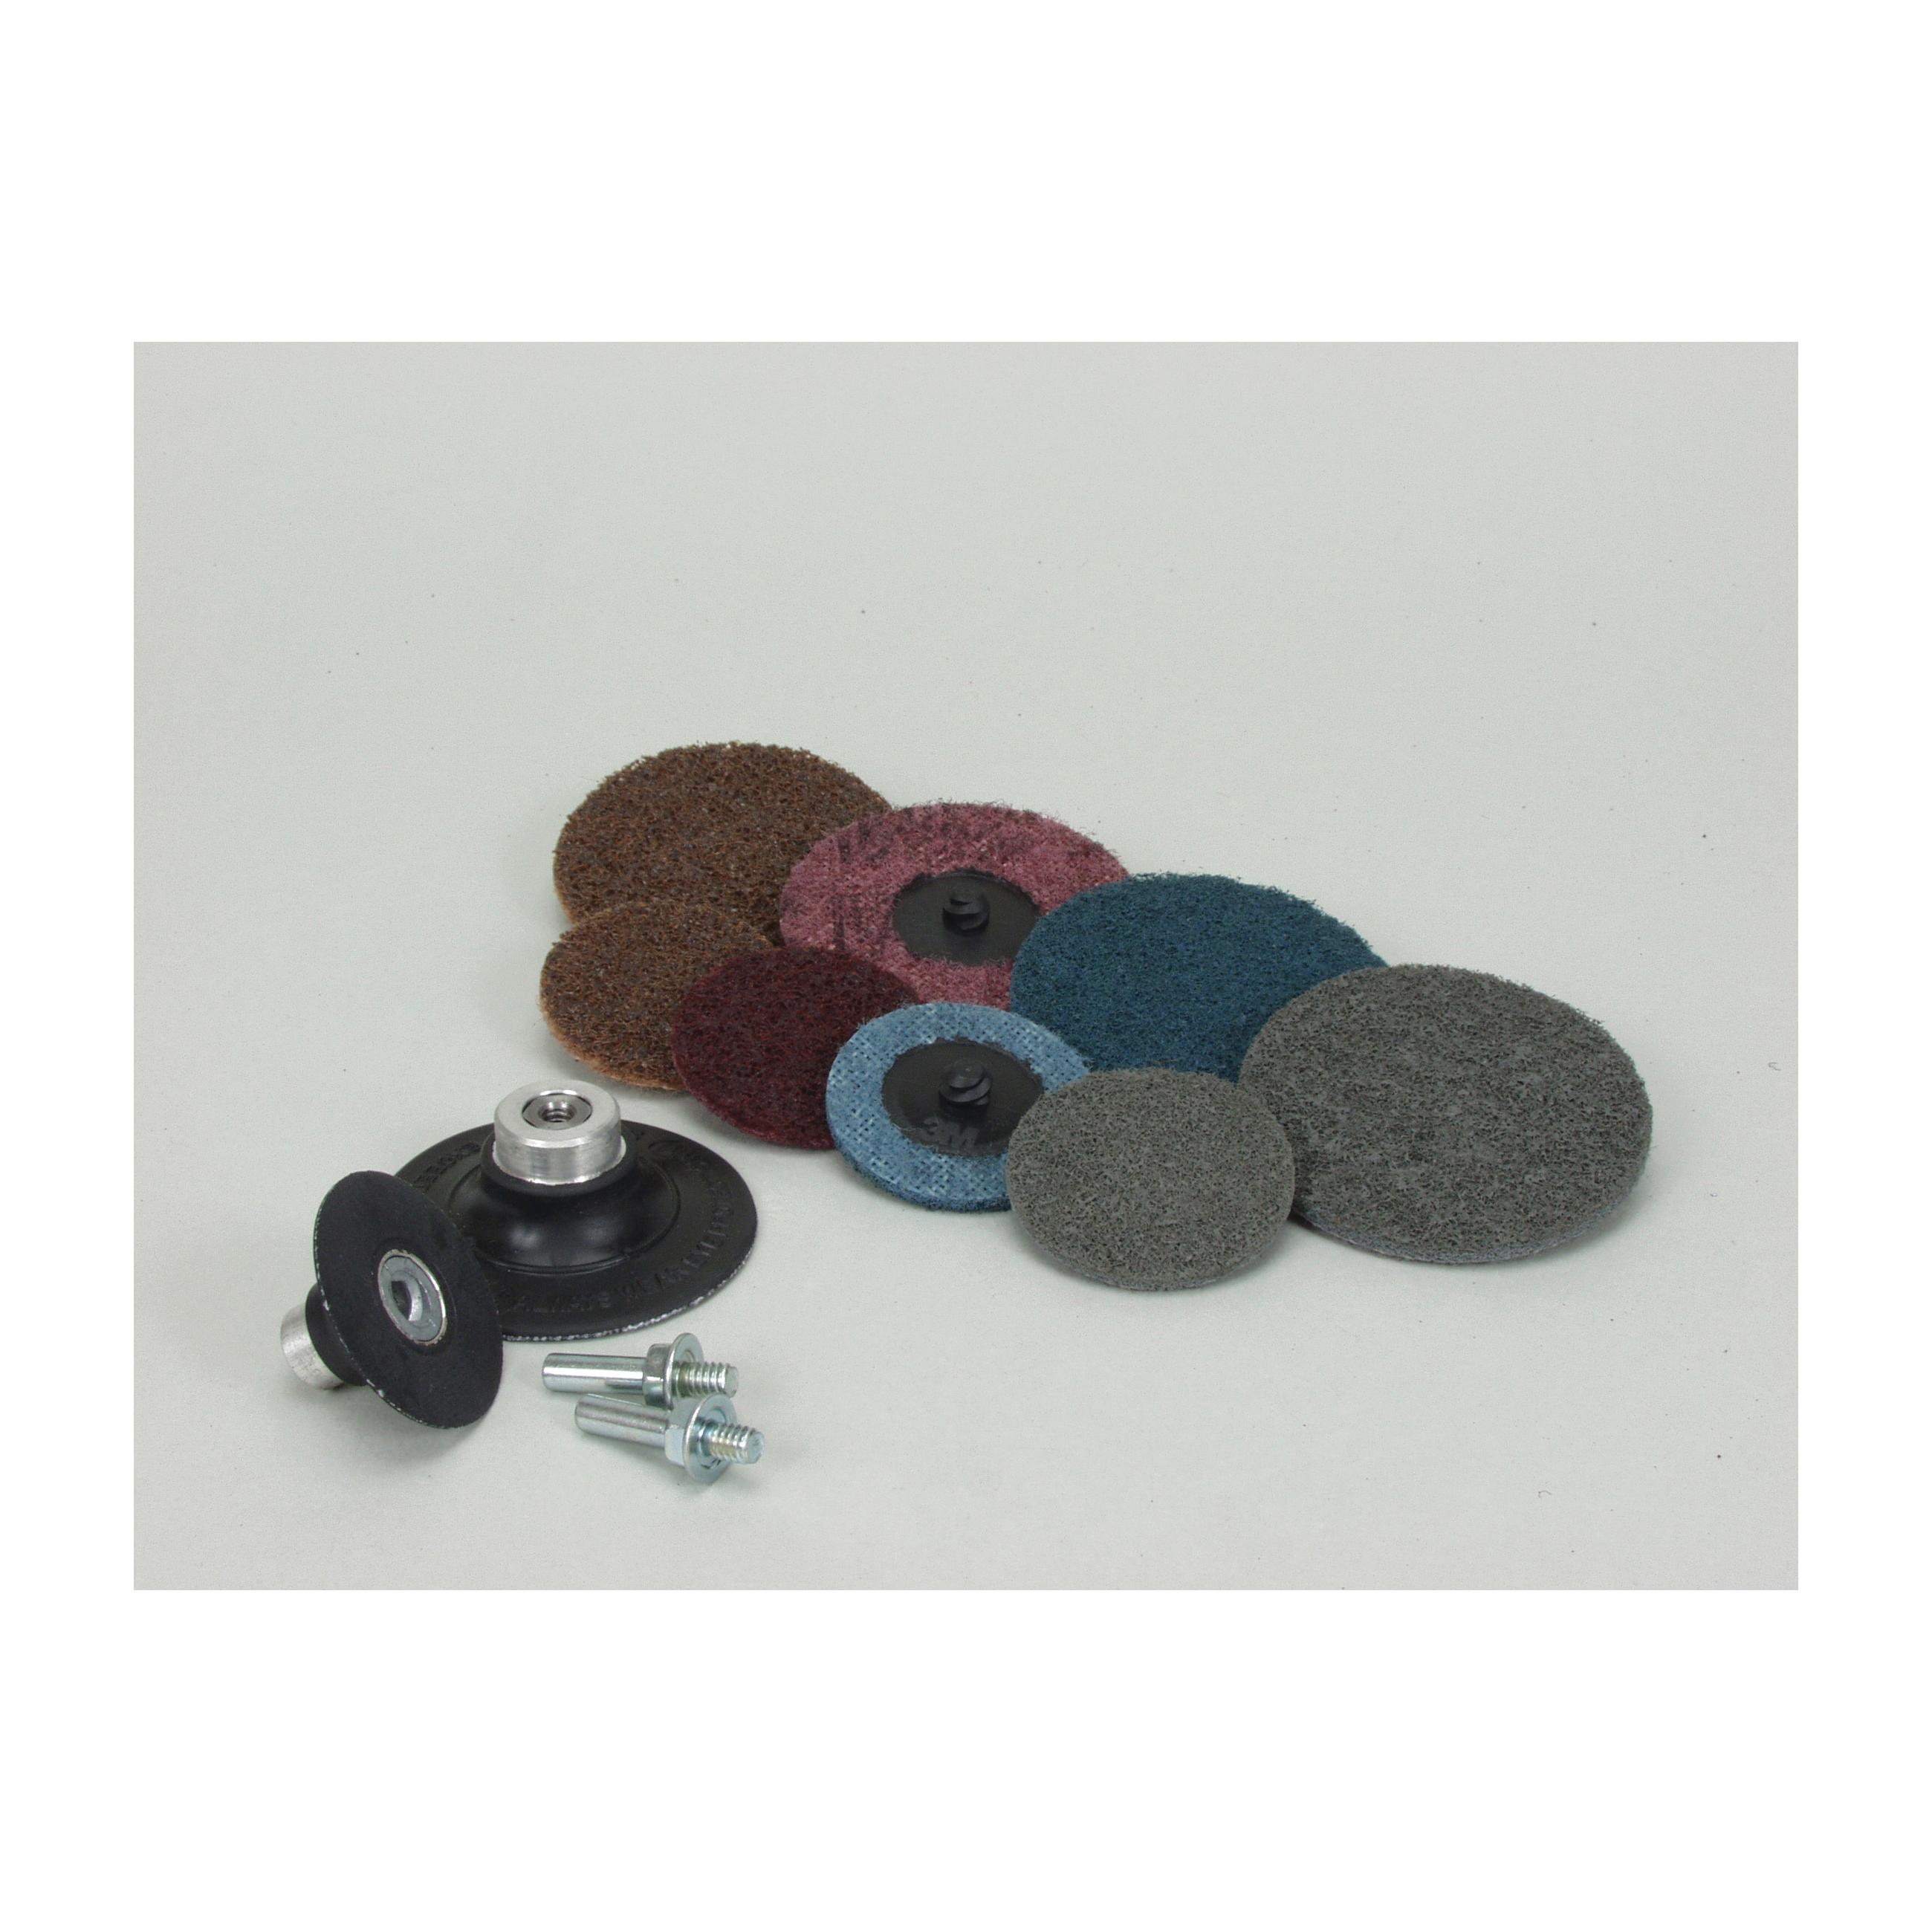 Scotch-Brite™ Roloc™ 048011-18254 Non-Woven Abrasive Quick